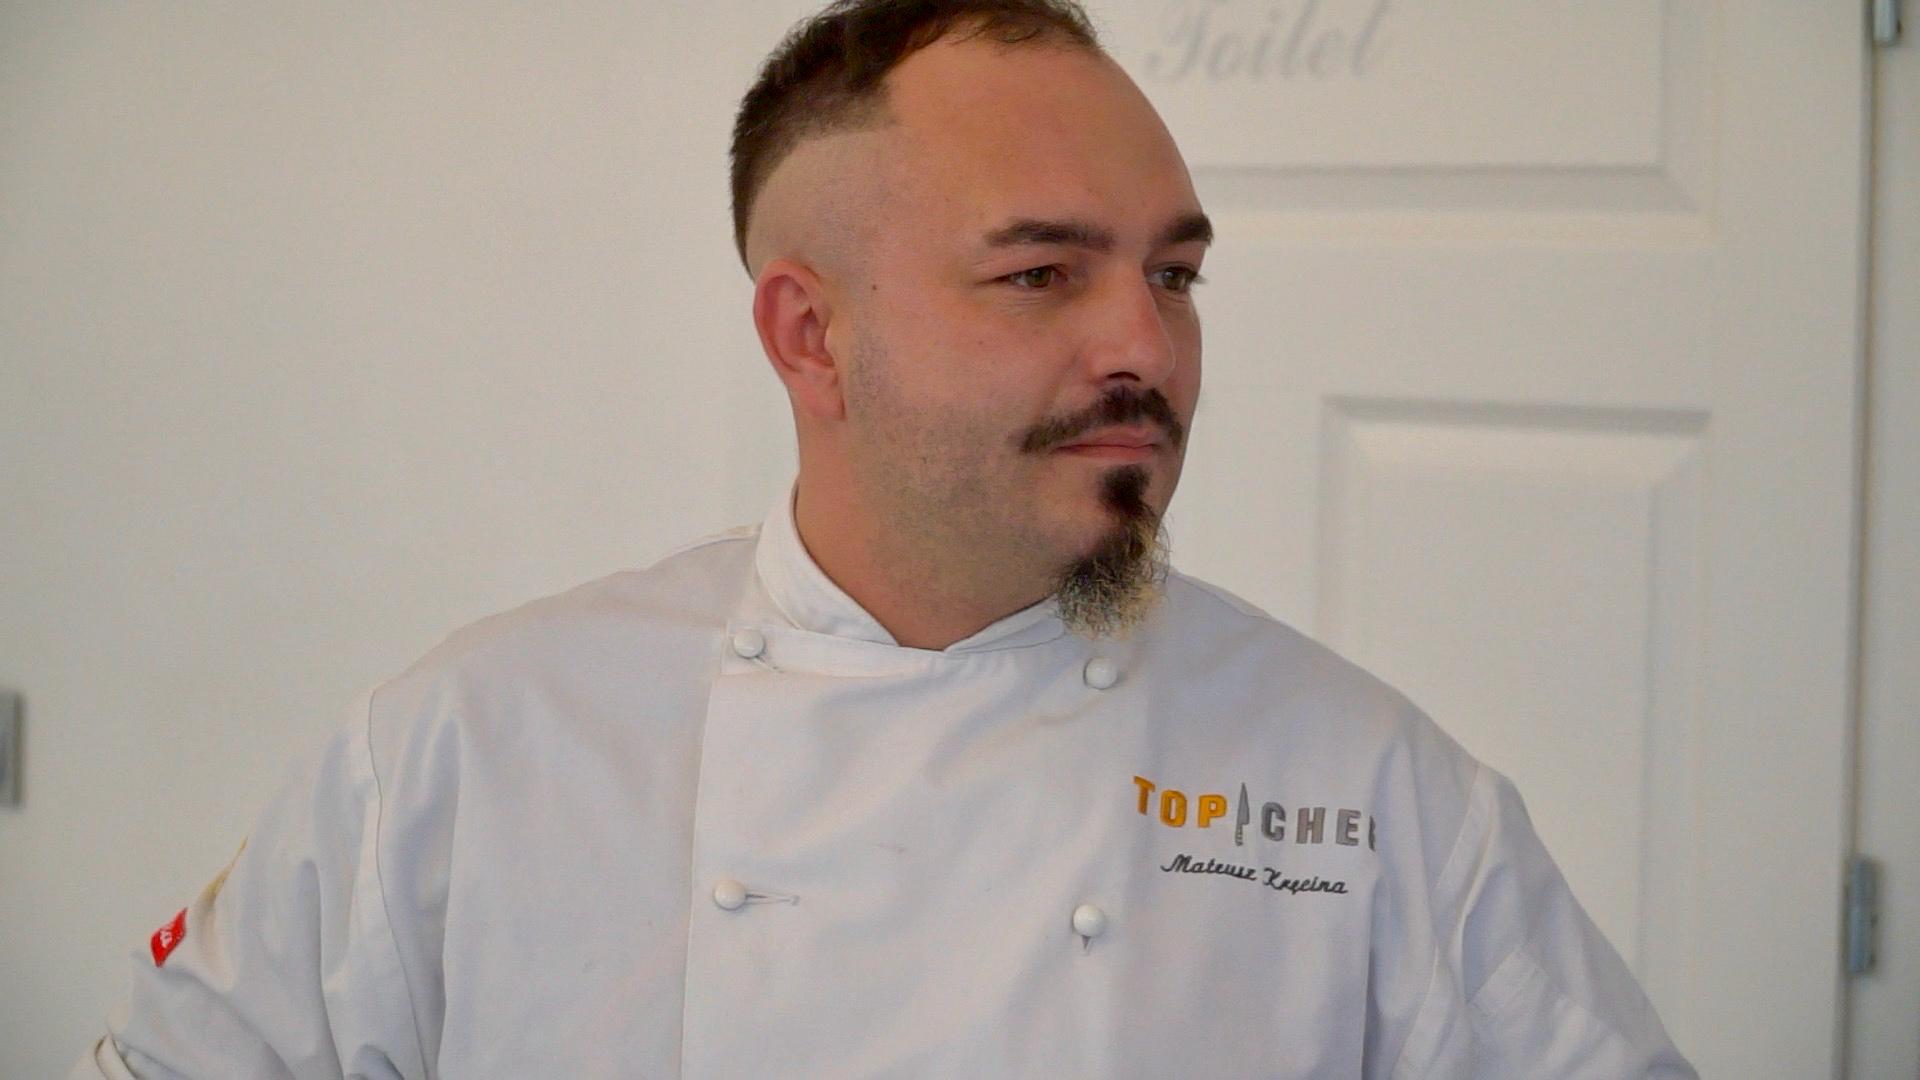 Video I Fotorelacja I Edycja 2 Chefs 4 Hands For You